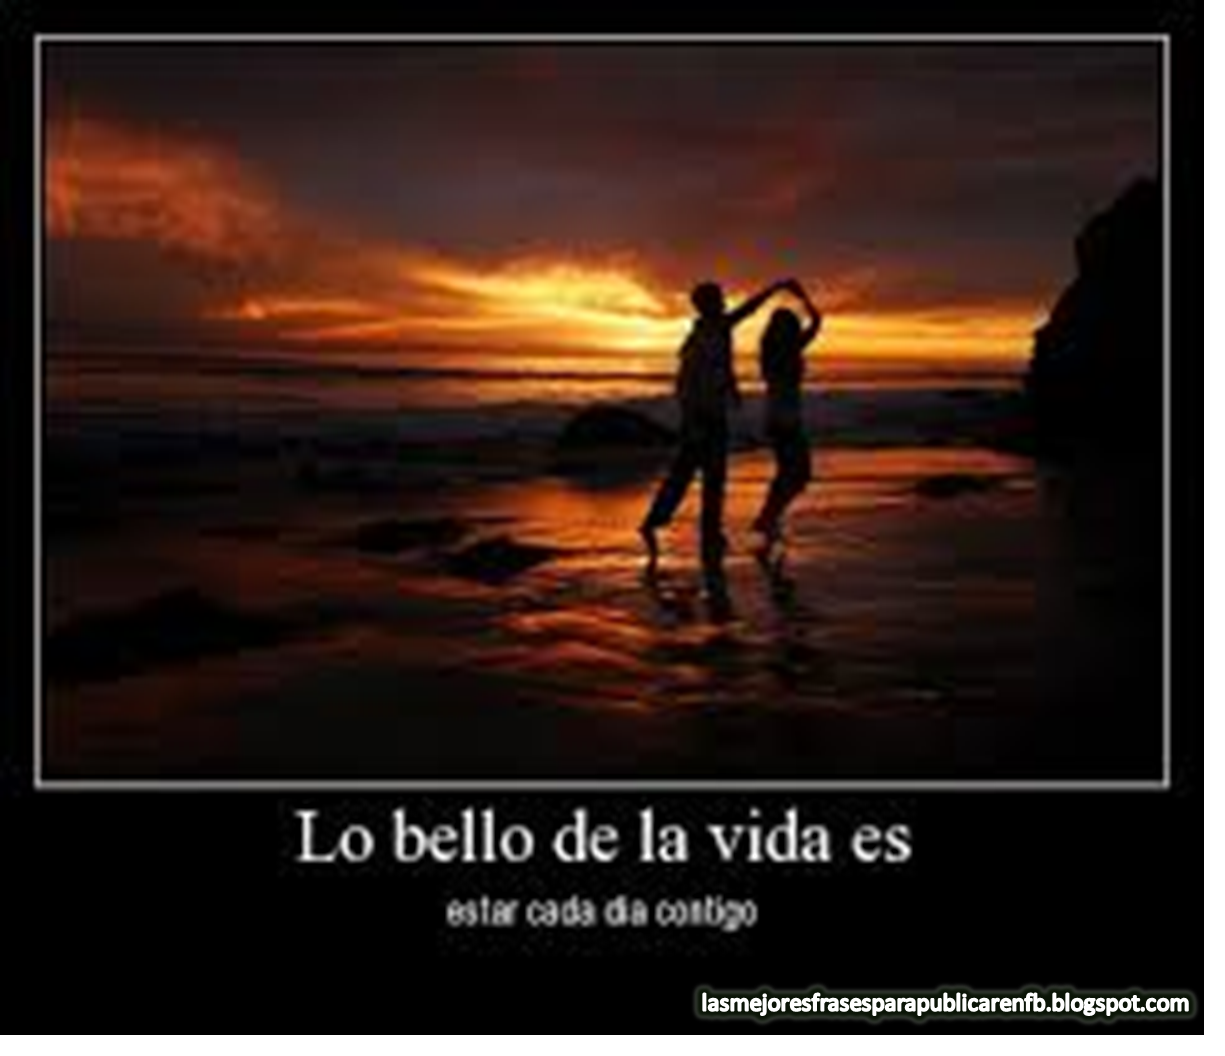 Frases Para Enamorar: Lo Bello De La Vida Es Estar Cada Día Contigo